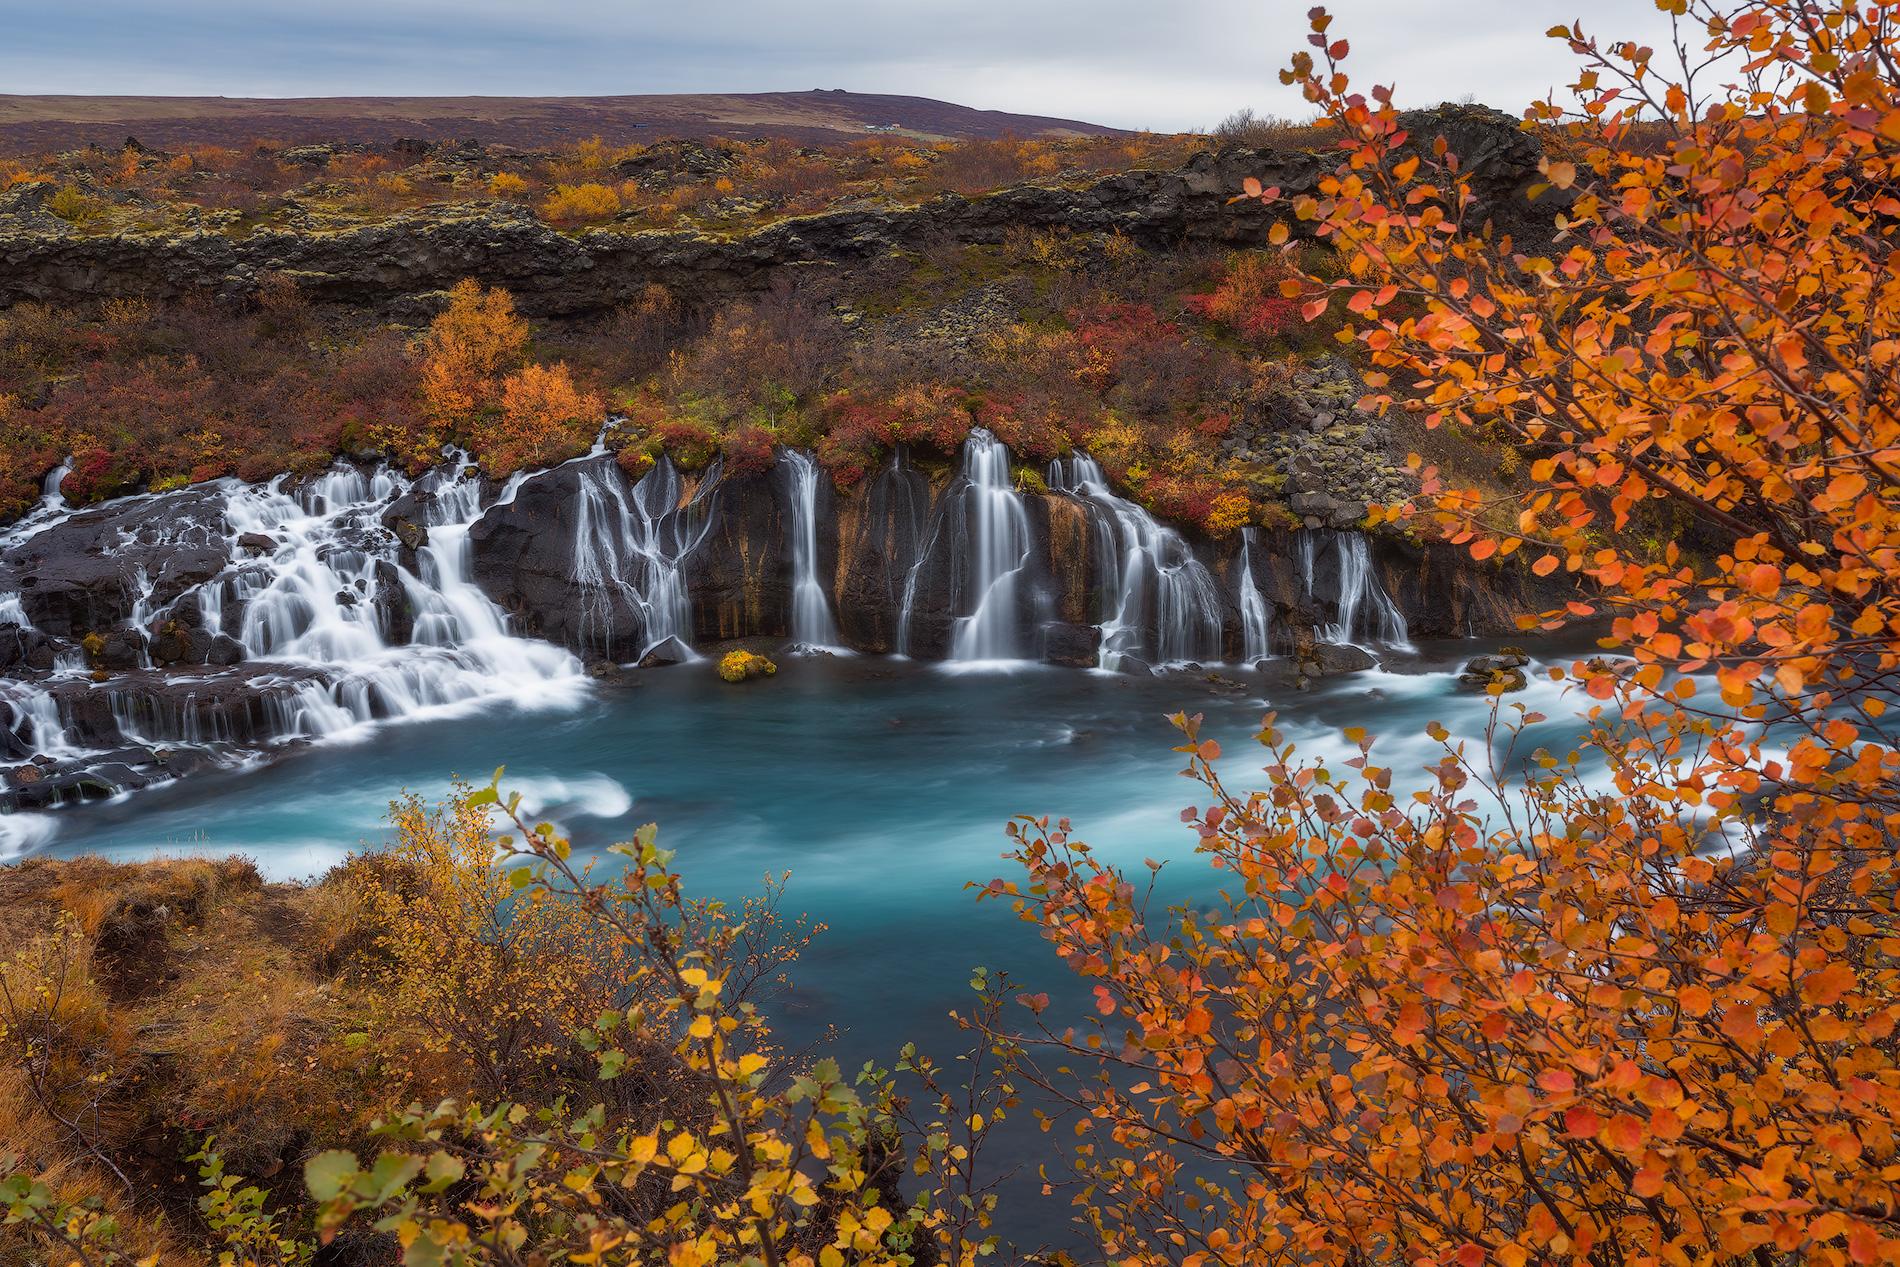 La cascade Hraunfossar est située à l'ouest de l'Islande et consiste en une longue série de petits ruisseaux.